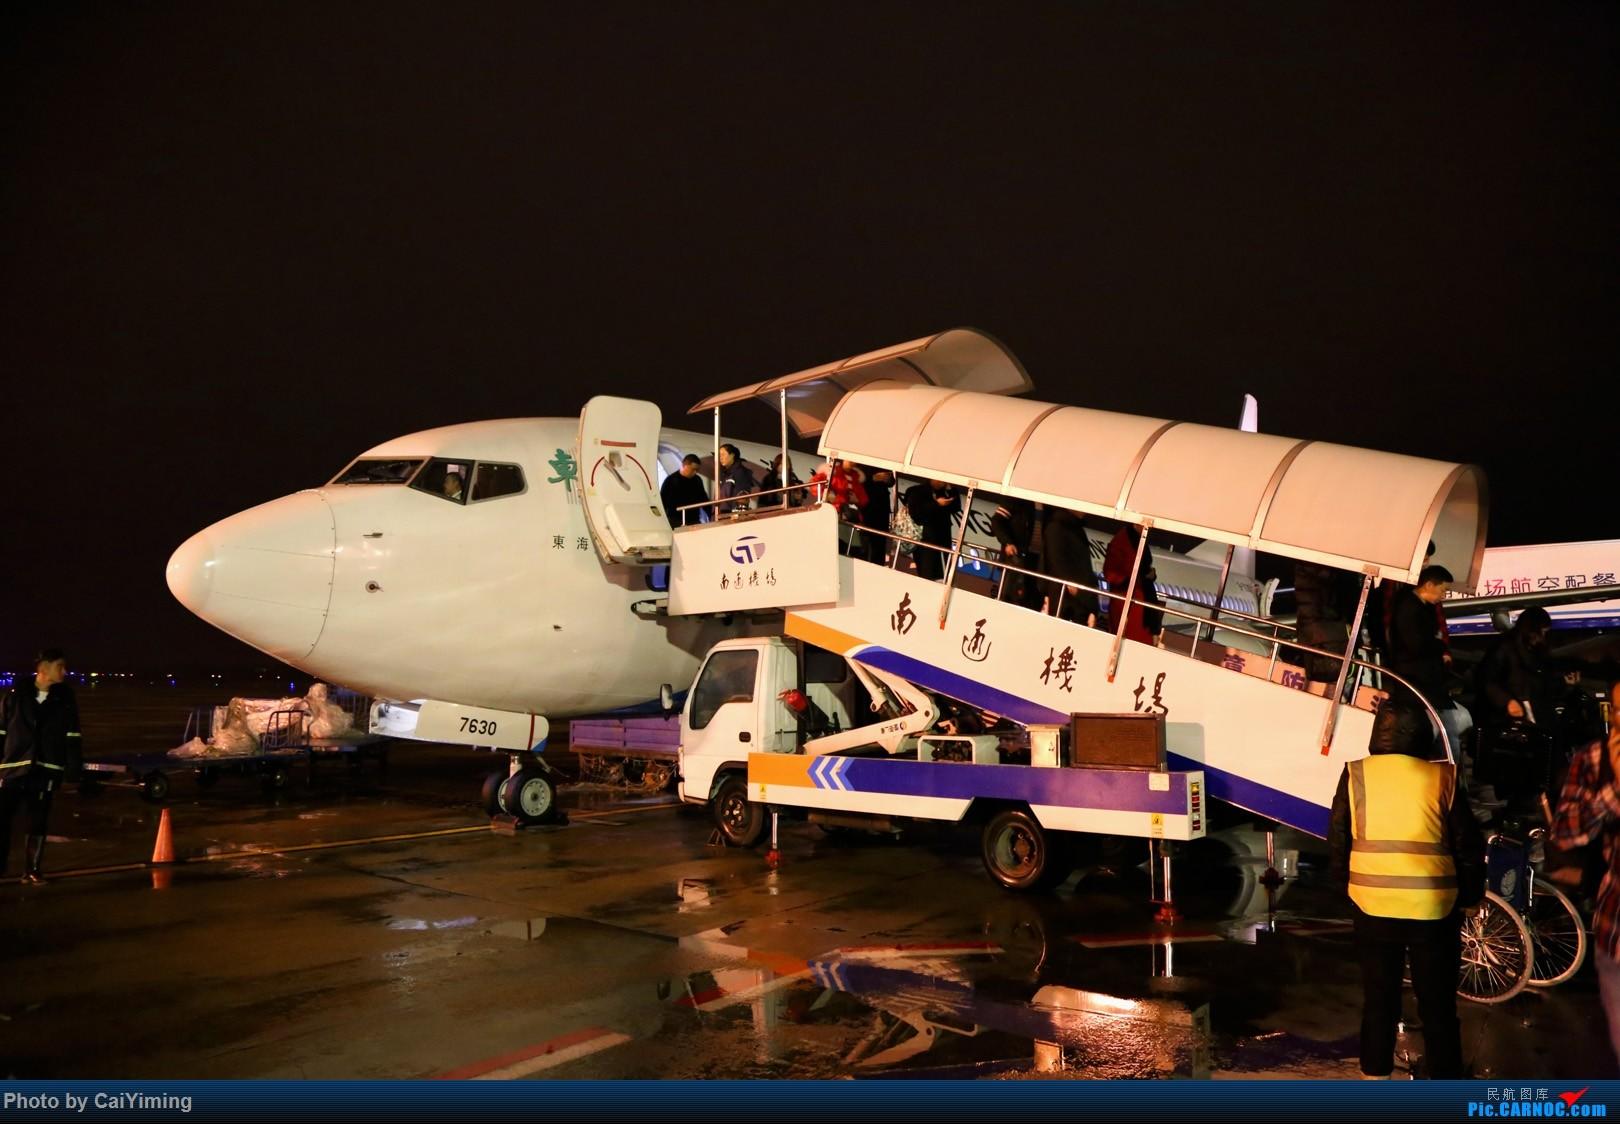 Re:[原创]【人在旅途】成都-浦东-虹桥-西安-南通-成都(3U+MU空客A359体验) BOEING 737-800 B-7630 中国南通兴东机场